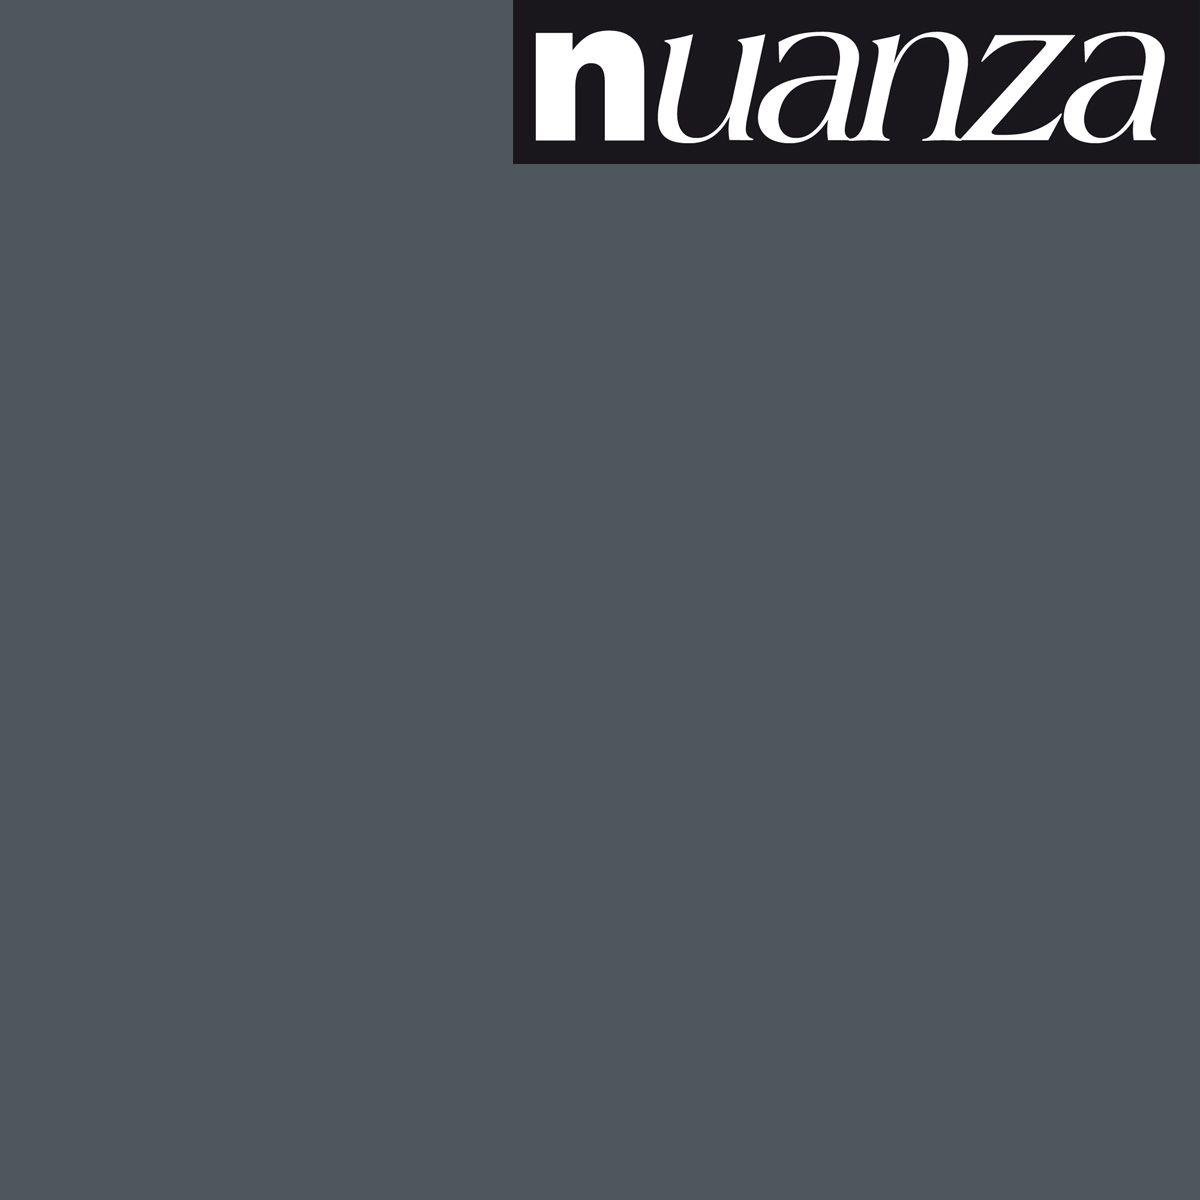 Peinture ardoise satin multisupports Nuanza 0.5l